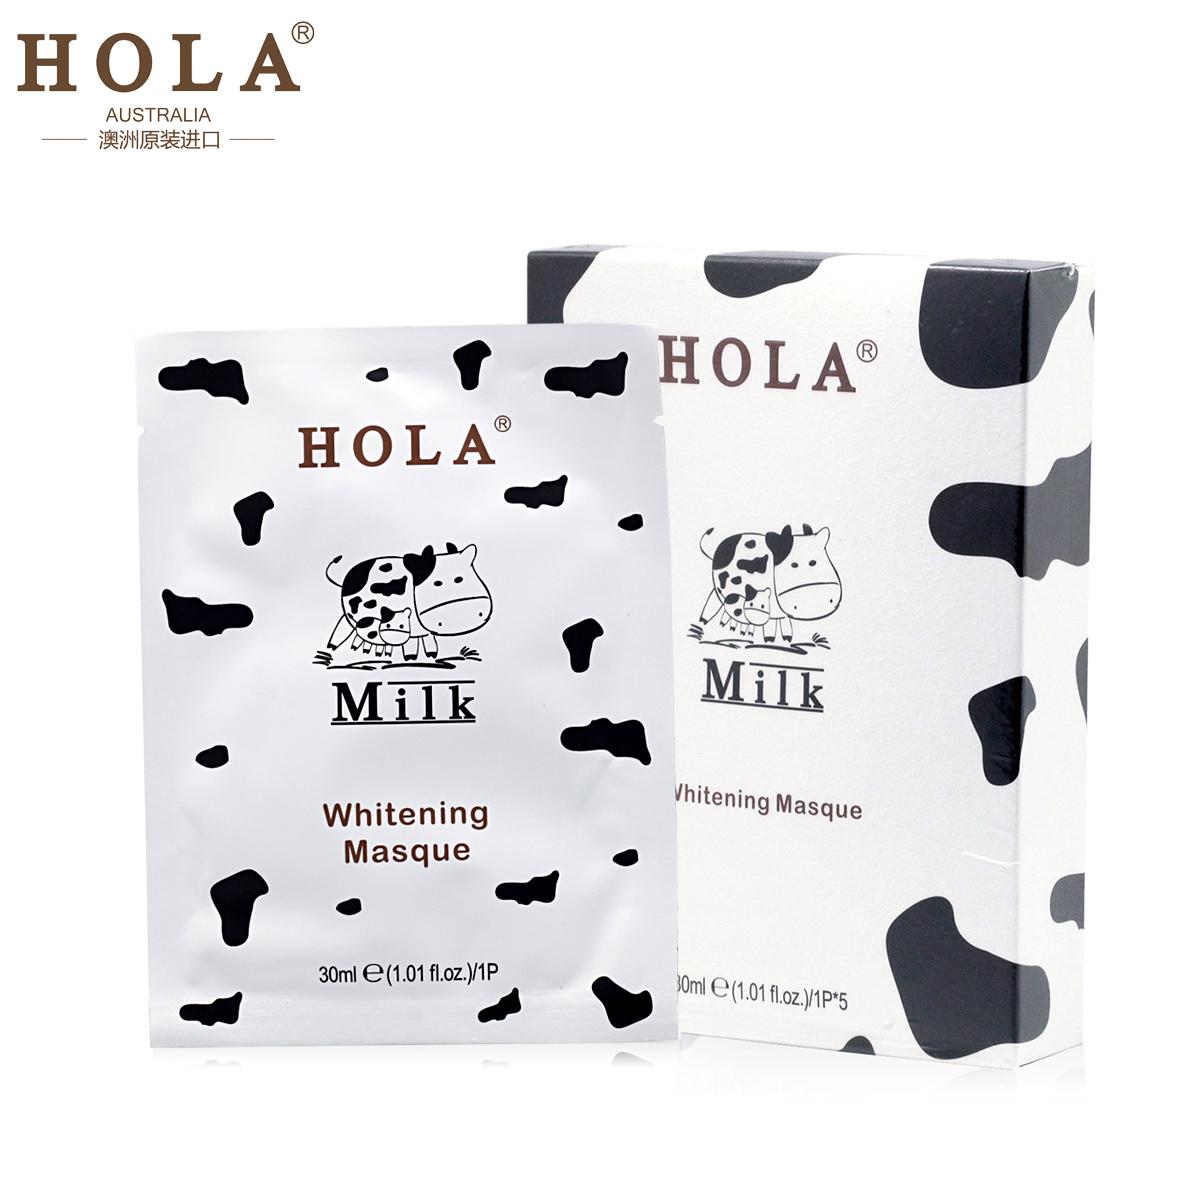 HOLA牛奶雪肤密集焕白面贴膜30ml*5